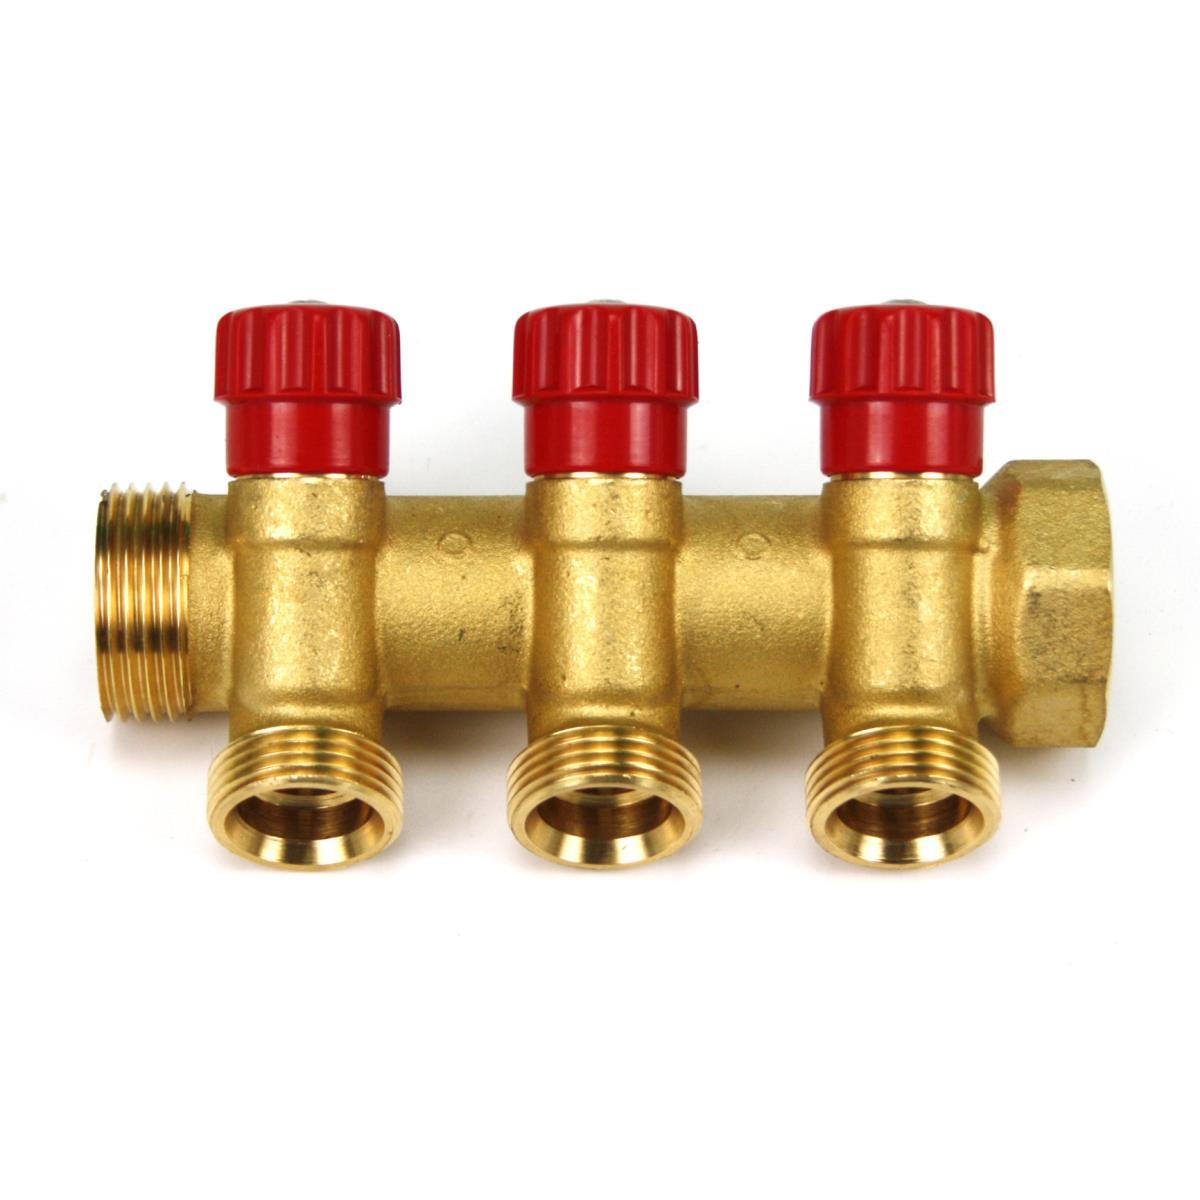 """Messing Verteiler 3-Fach mit Absperrventil Rot Sanitär 1"""" x 3/4"""" Wasser Heizung,Poletti,C323N12TR, 8025459079027"""